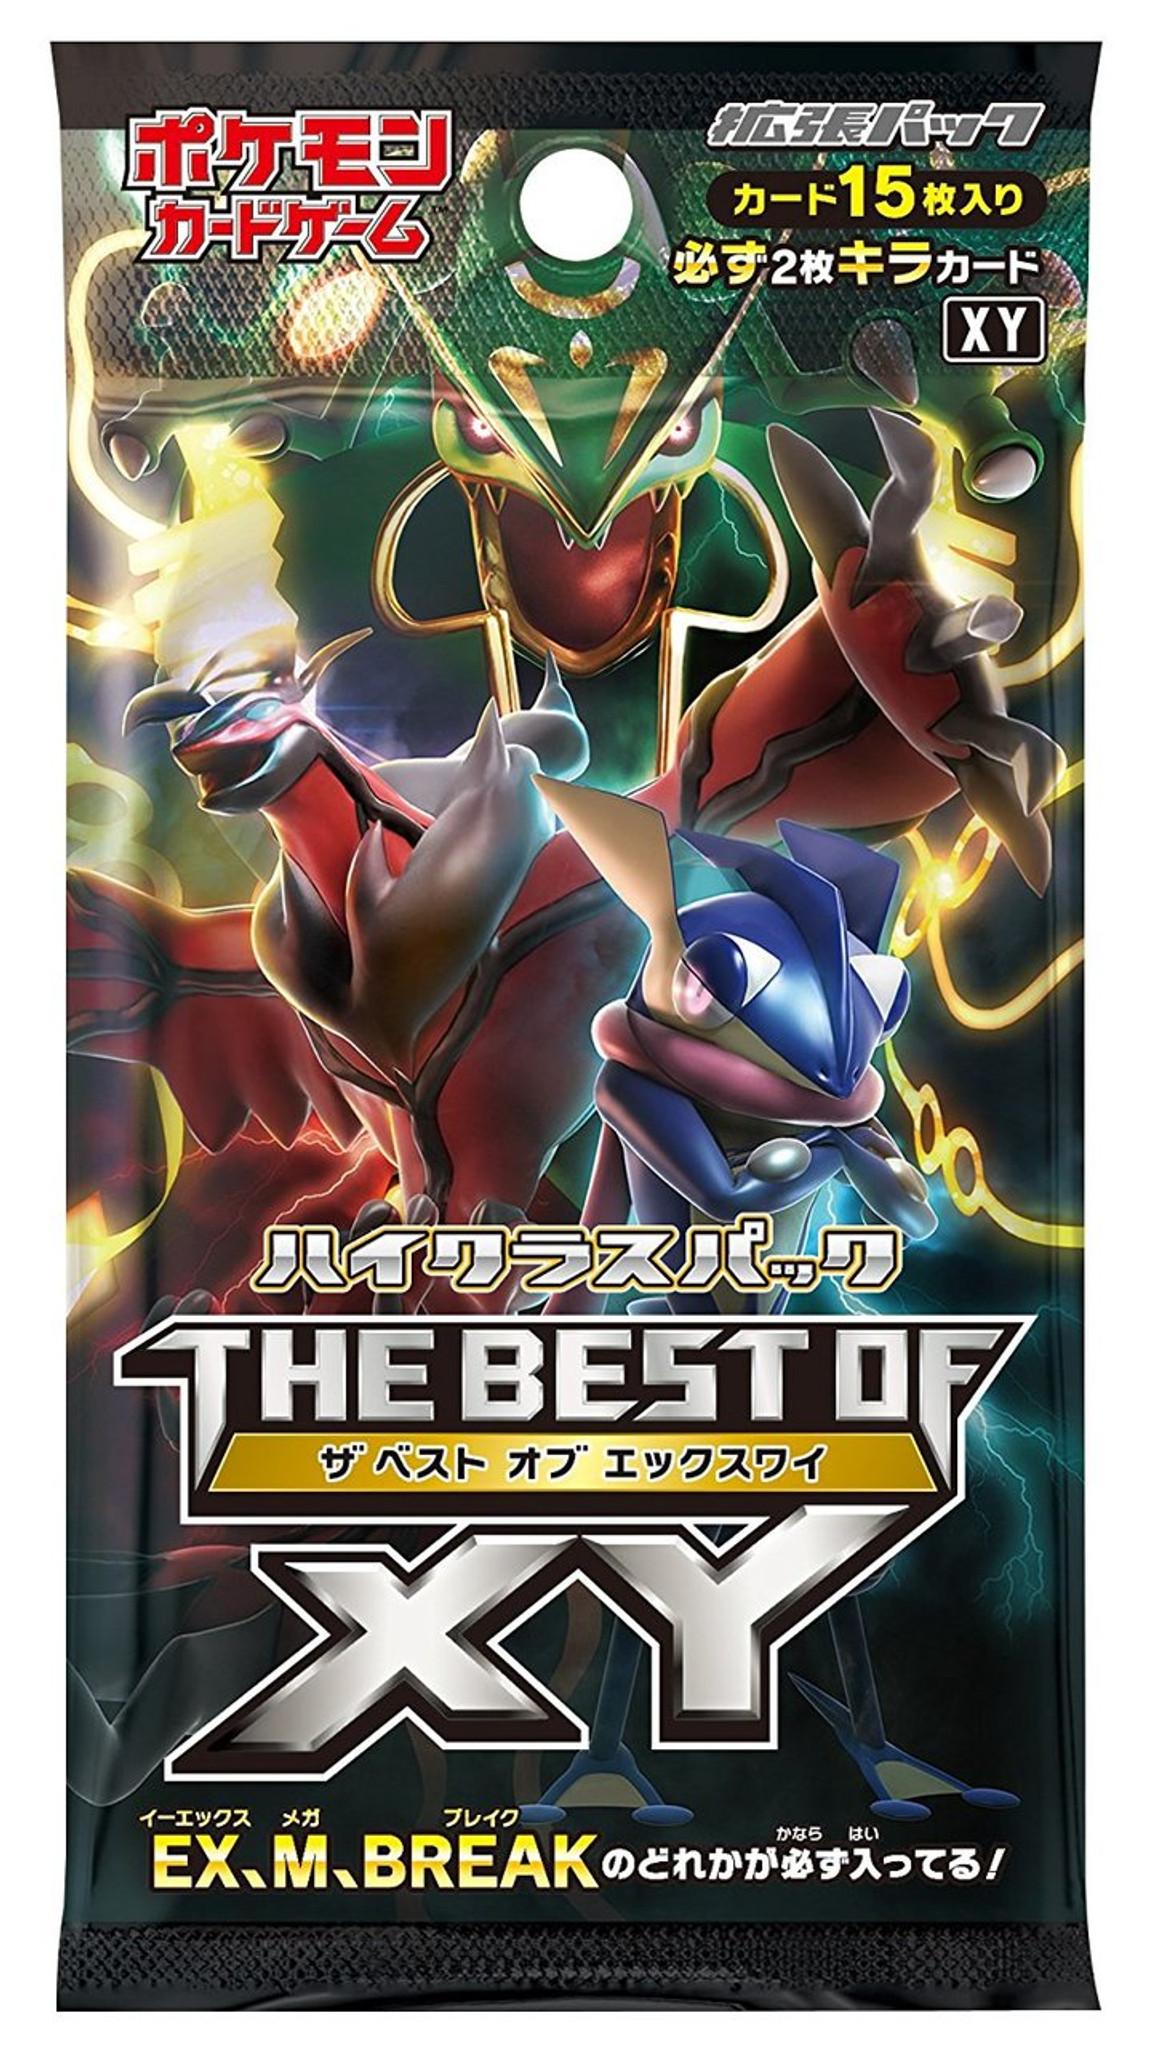 Verzamelingen JAPANESE Pokemon TCG BEST OF XY BOOSTER BOX High Class Pack kaartspellen 10 Booster Packs